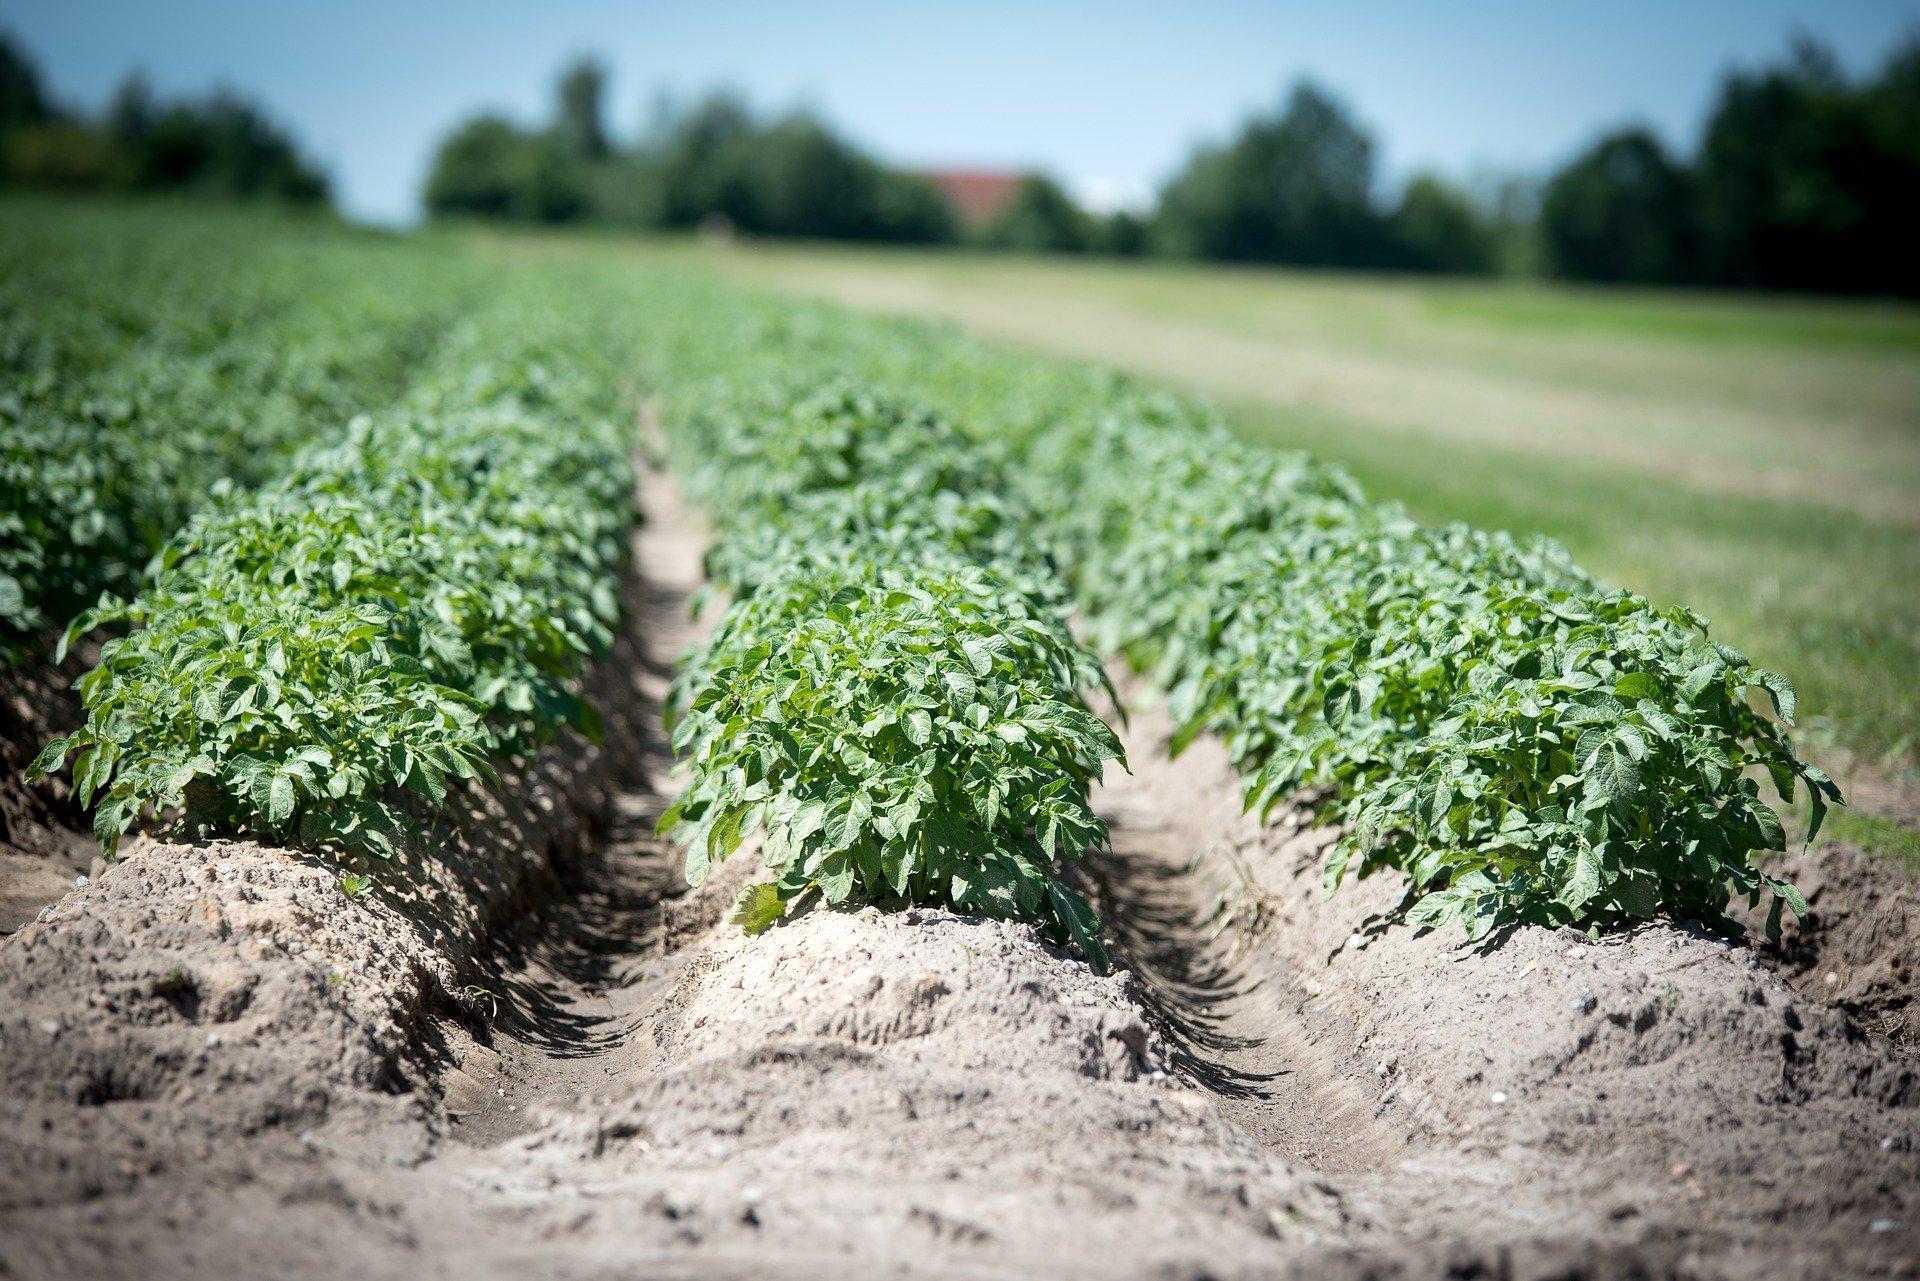 champ-pommes-de-terre-levee-taux-couverture-germination-controle-buttage